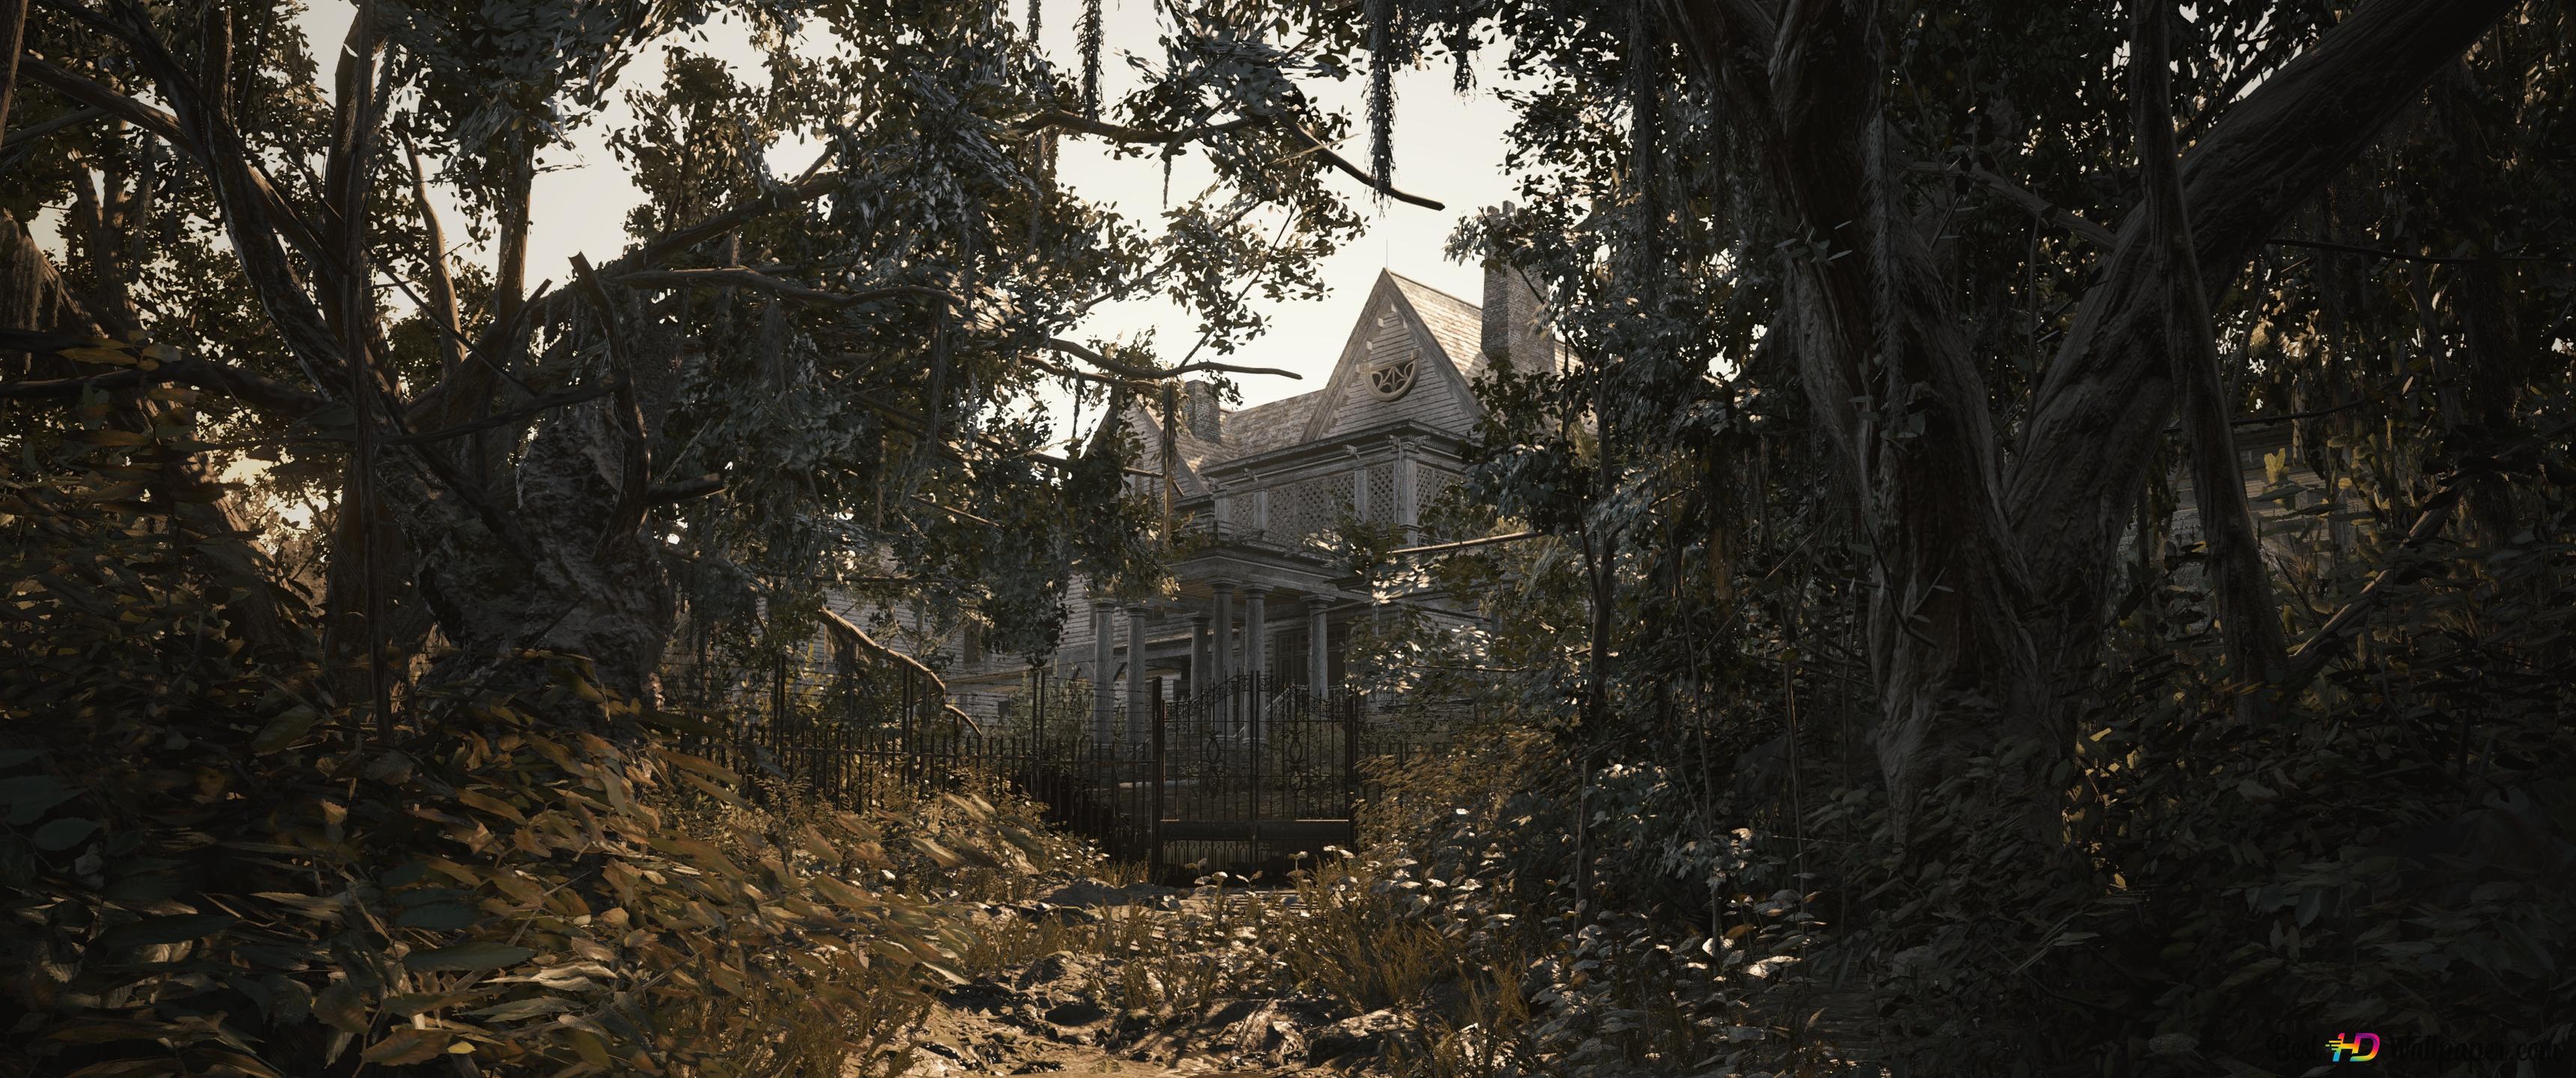 Resident Evil 7 Biohazard Hd Hintergrundbilder Herunterladen